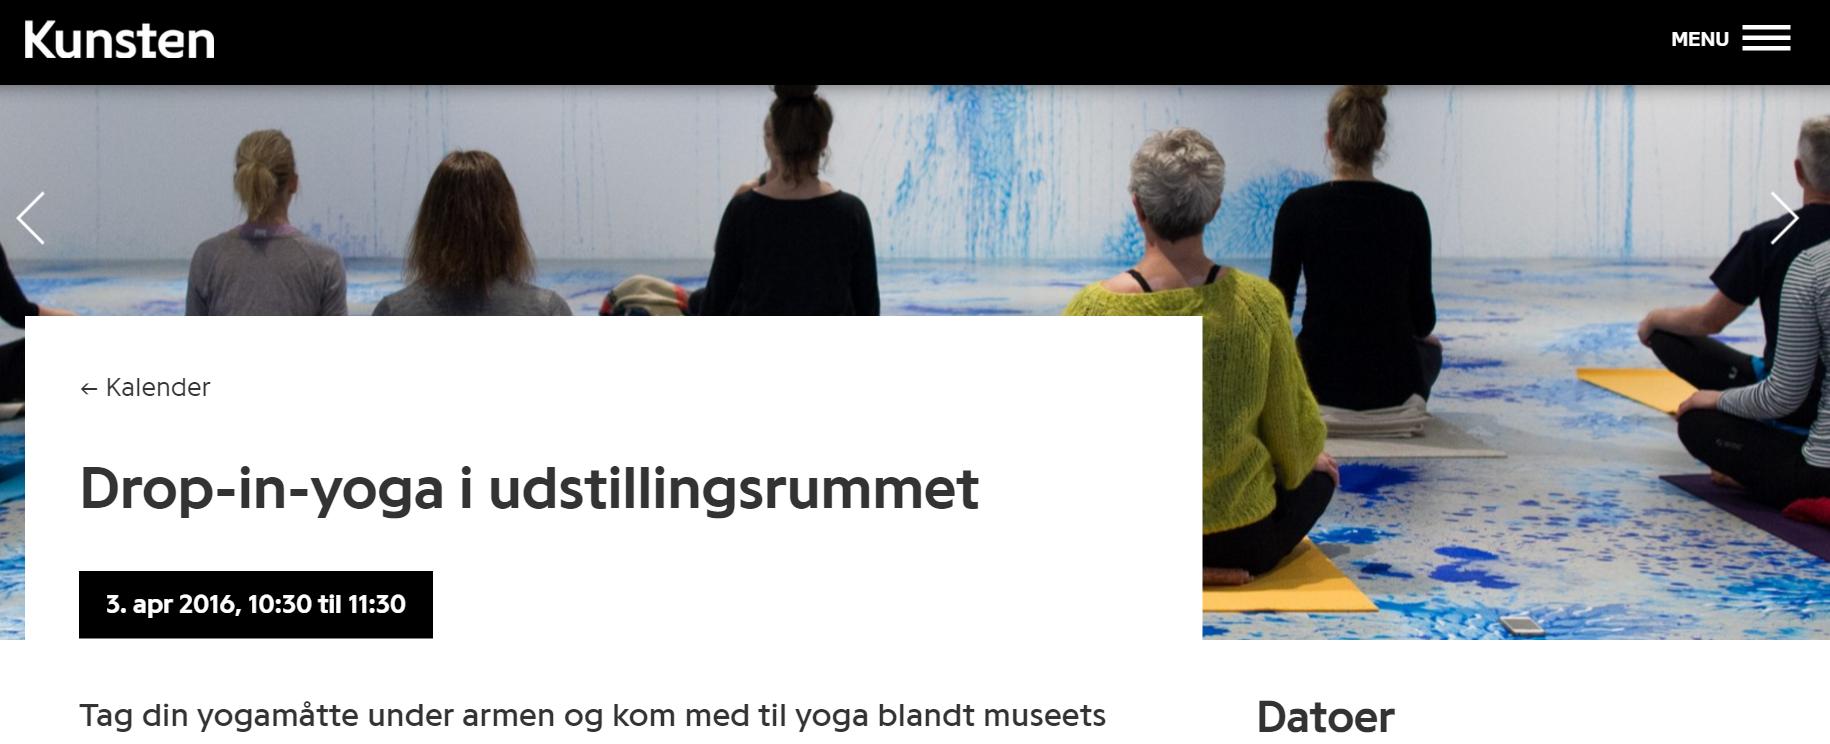 Nye kunder til både Kunstmuseet og Yoga-forretningen! www.kunsten.dk